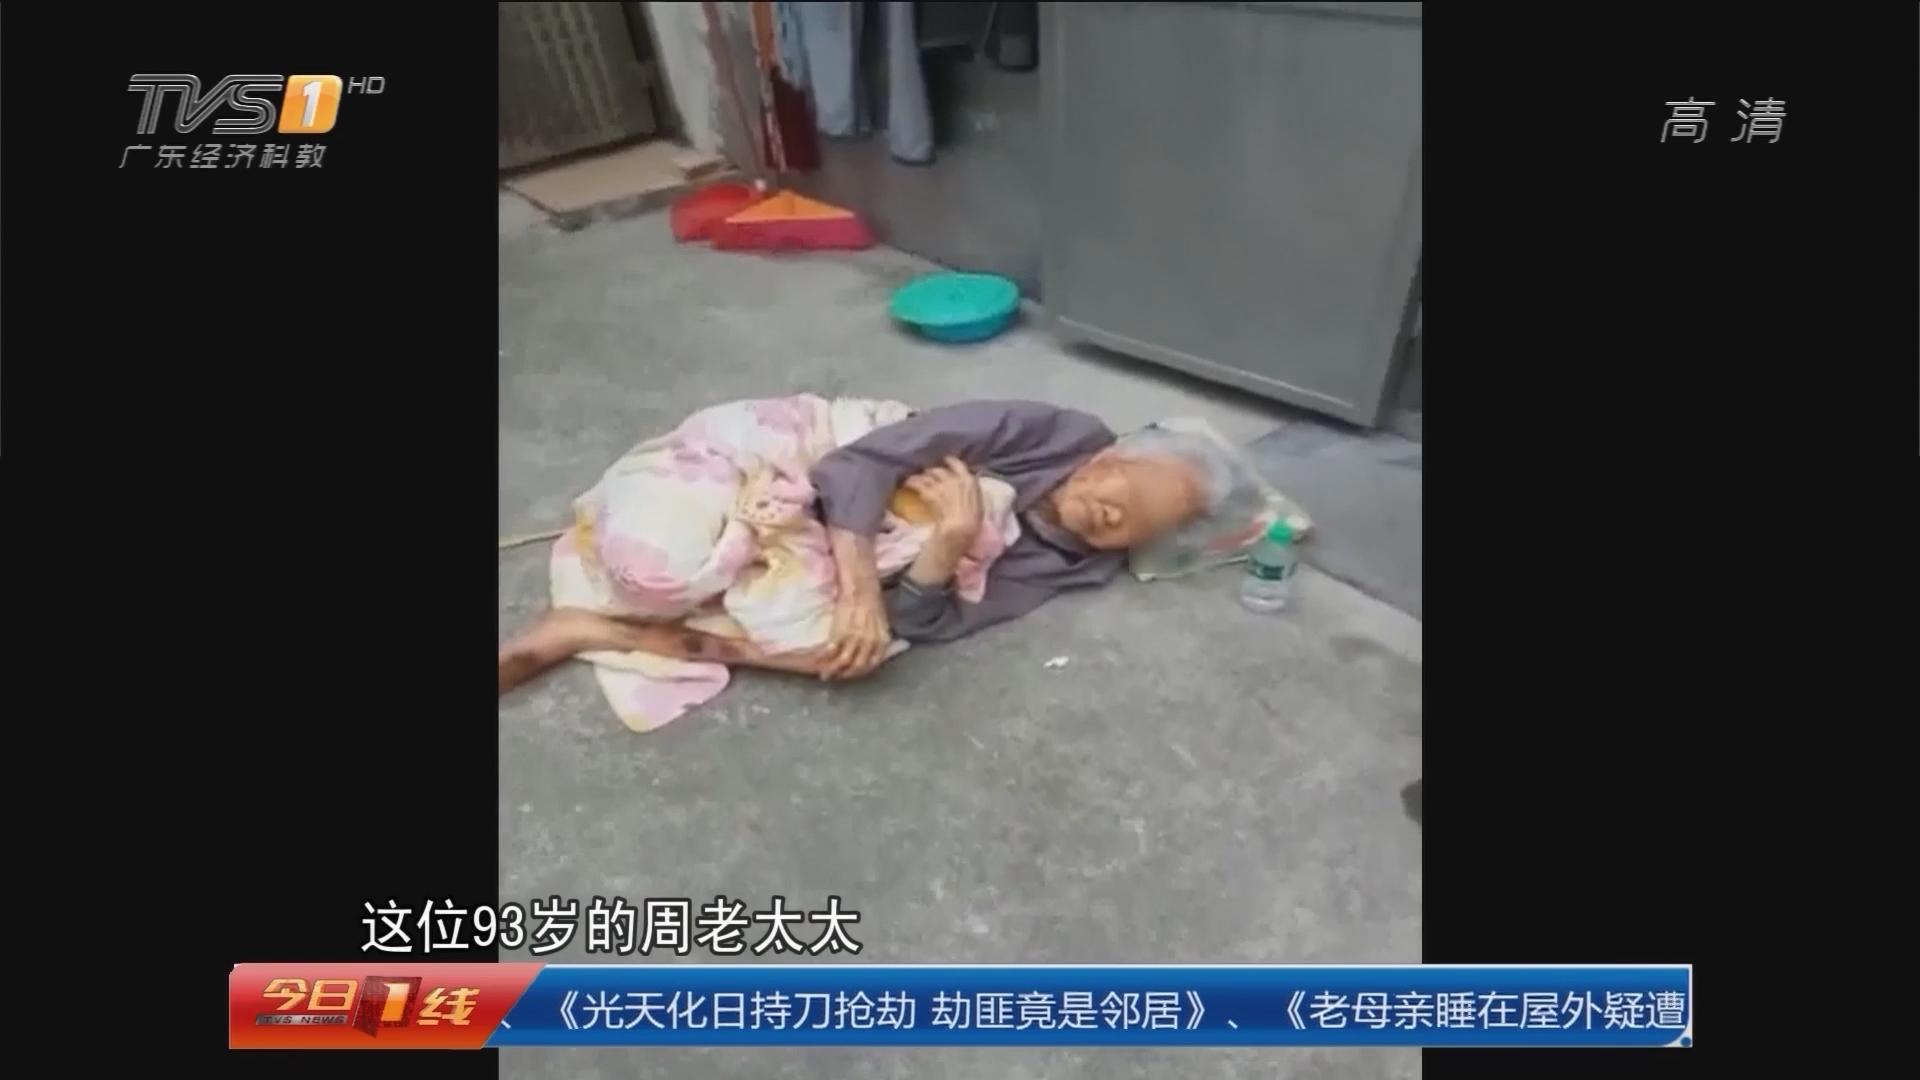 汕尾梅陇:老母亲睡在屋外疑遭虐待 记者走访